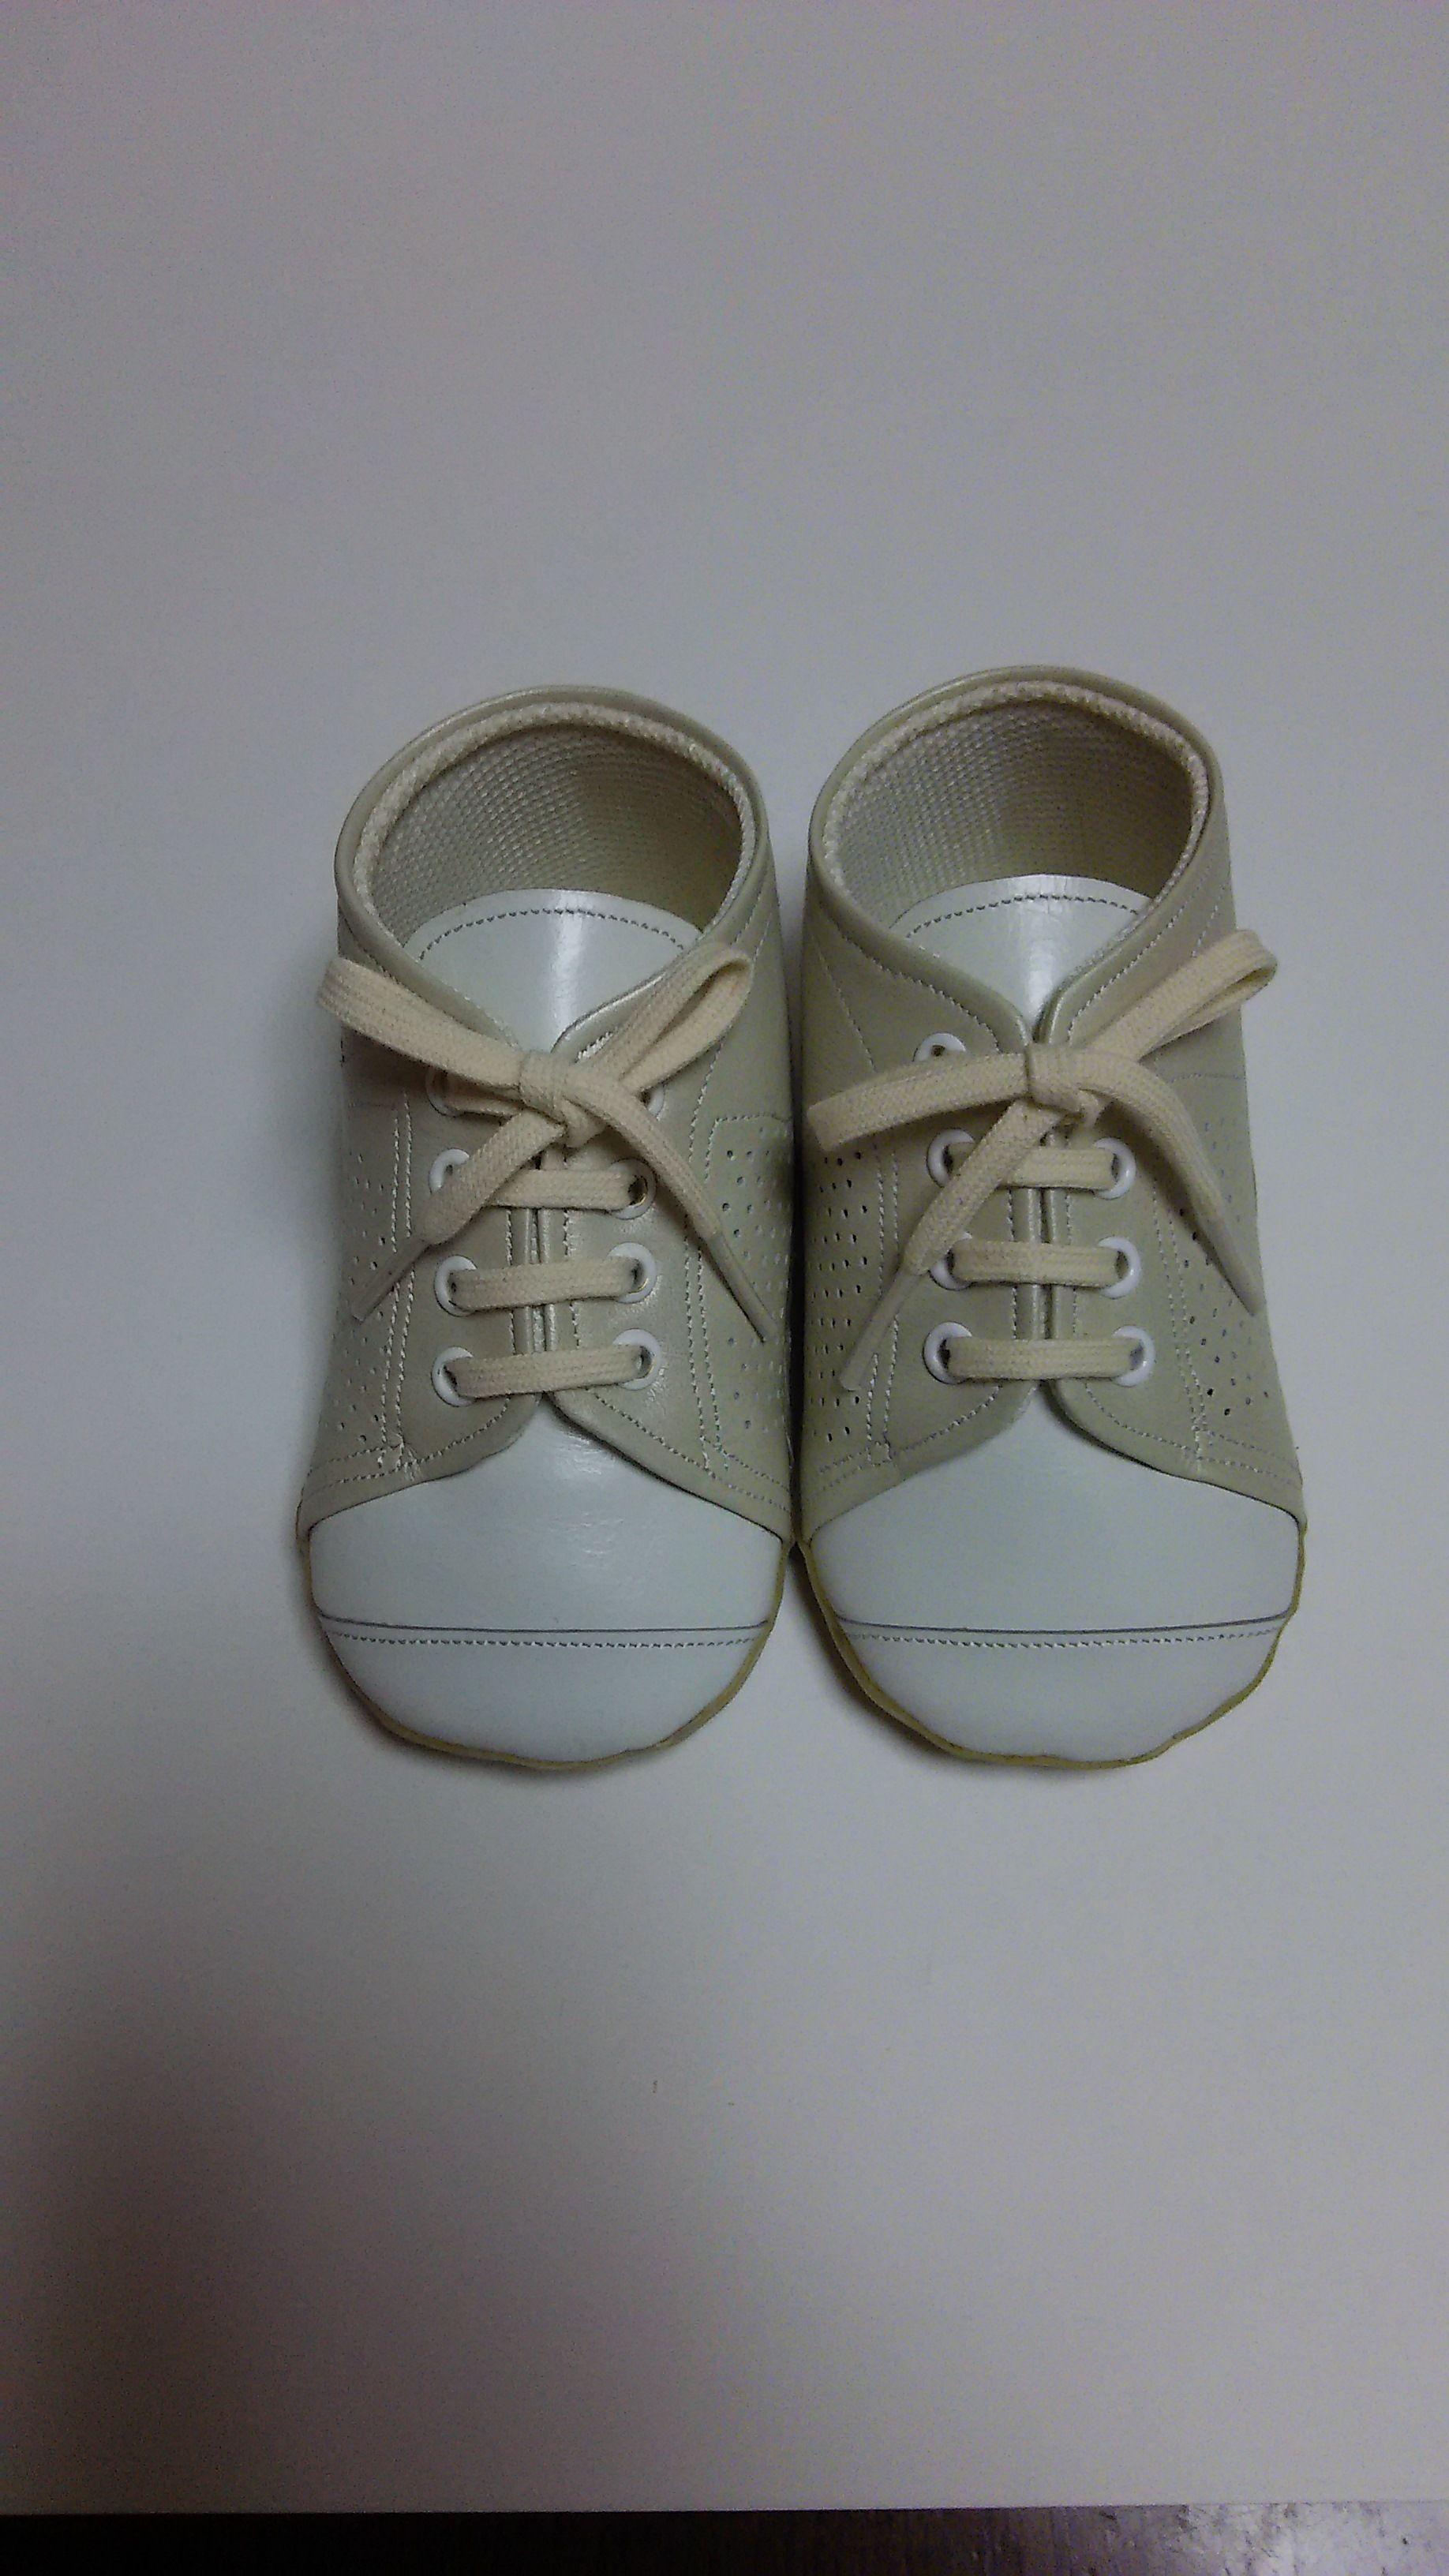 ベビーシューズ パールグリーン Baby Shoes Pearlgreen